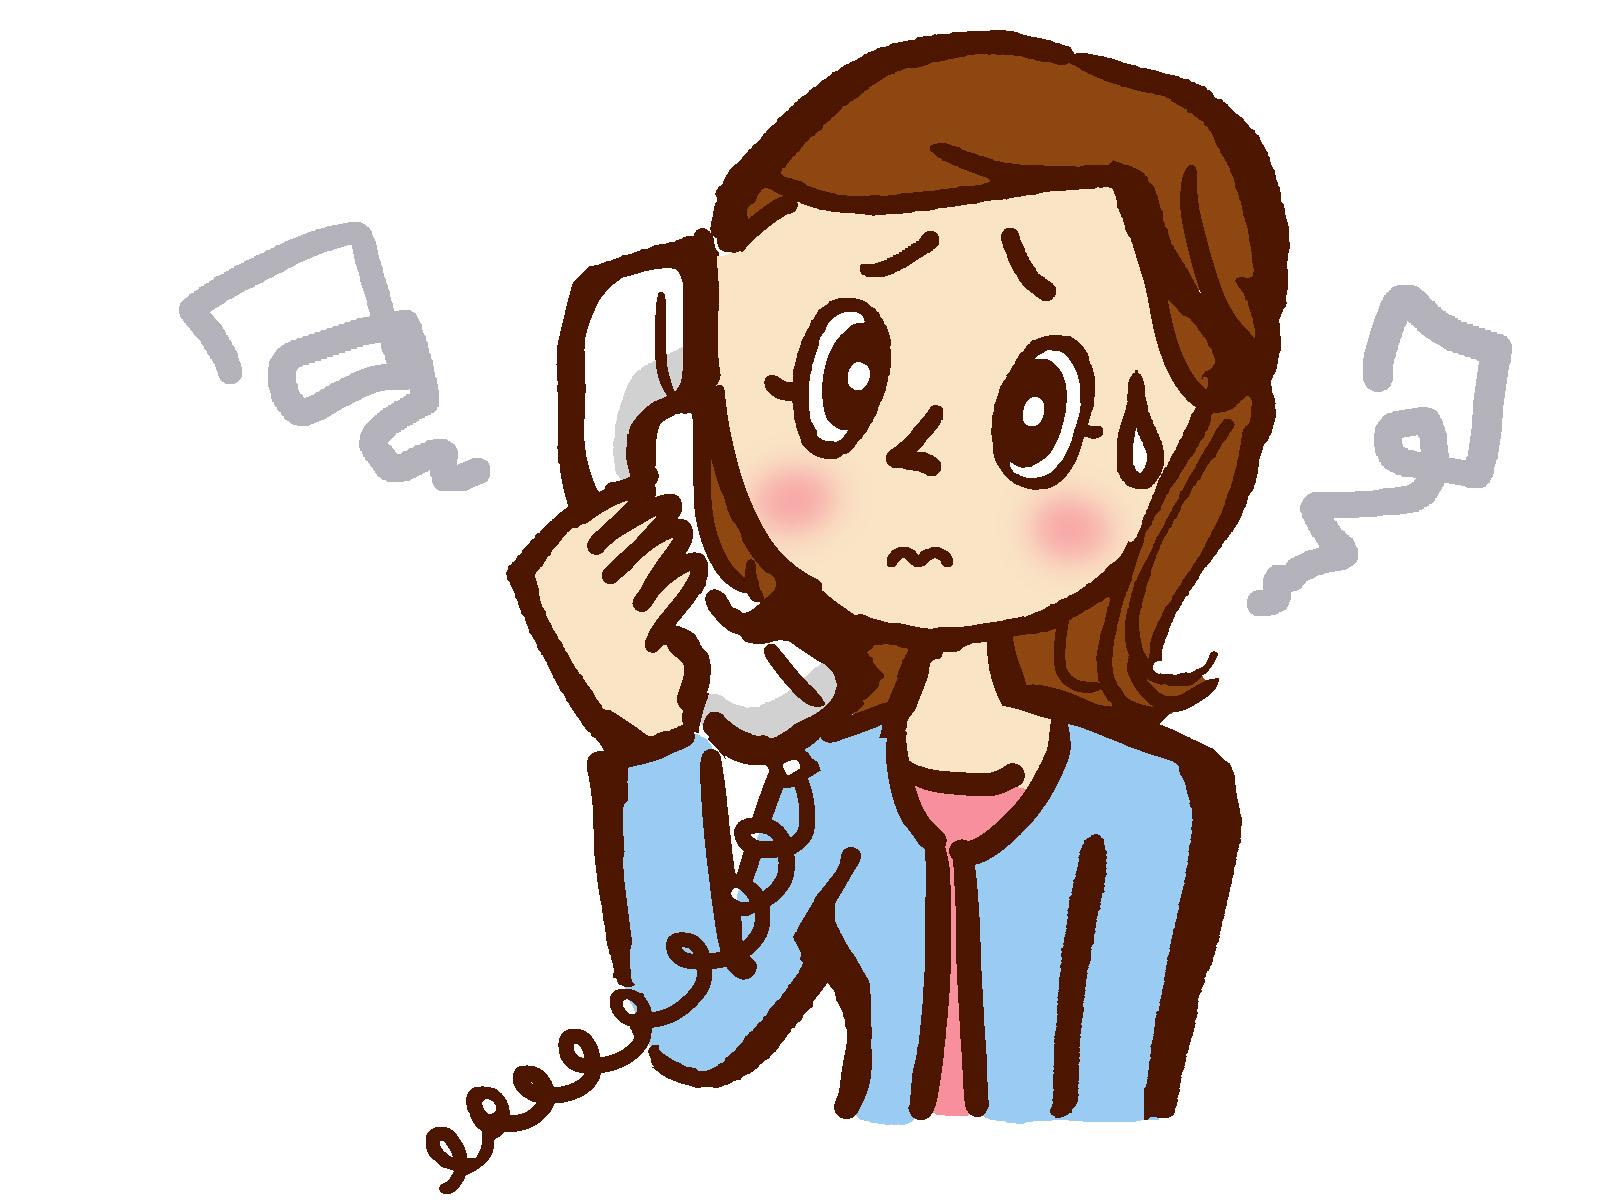 [認知症介護]物盗られ妄想、迷惑電話を解決した方法(実例)